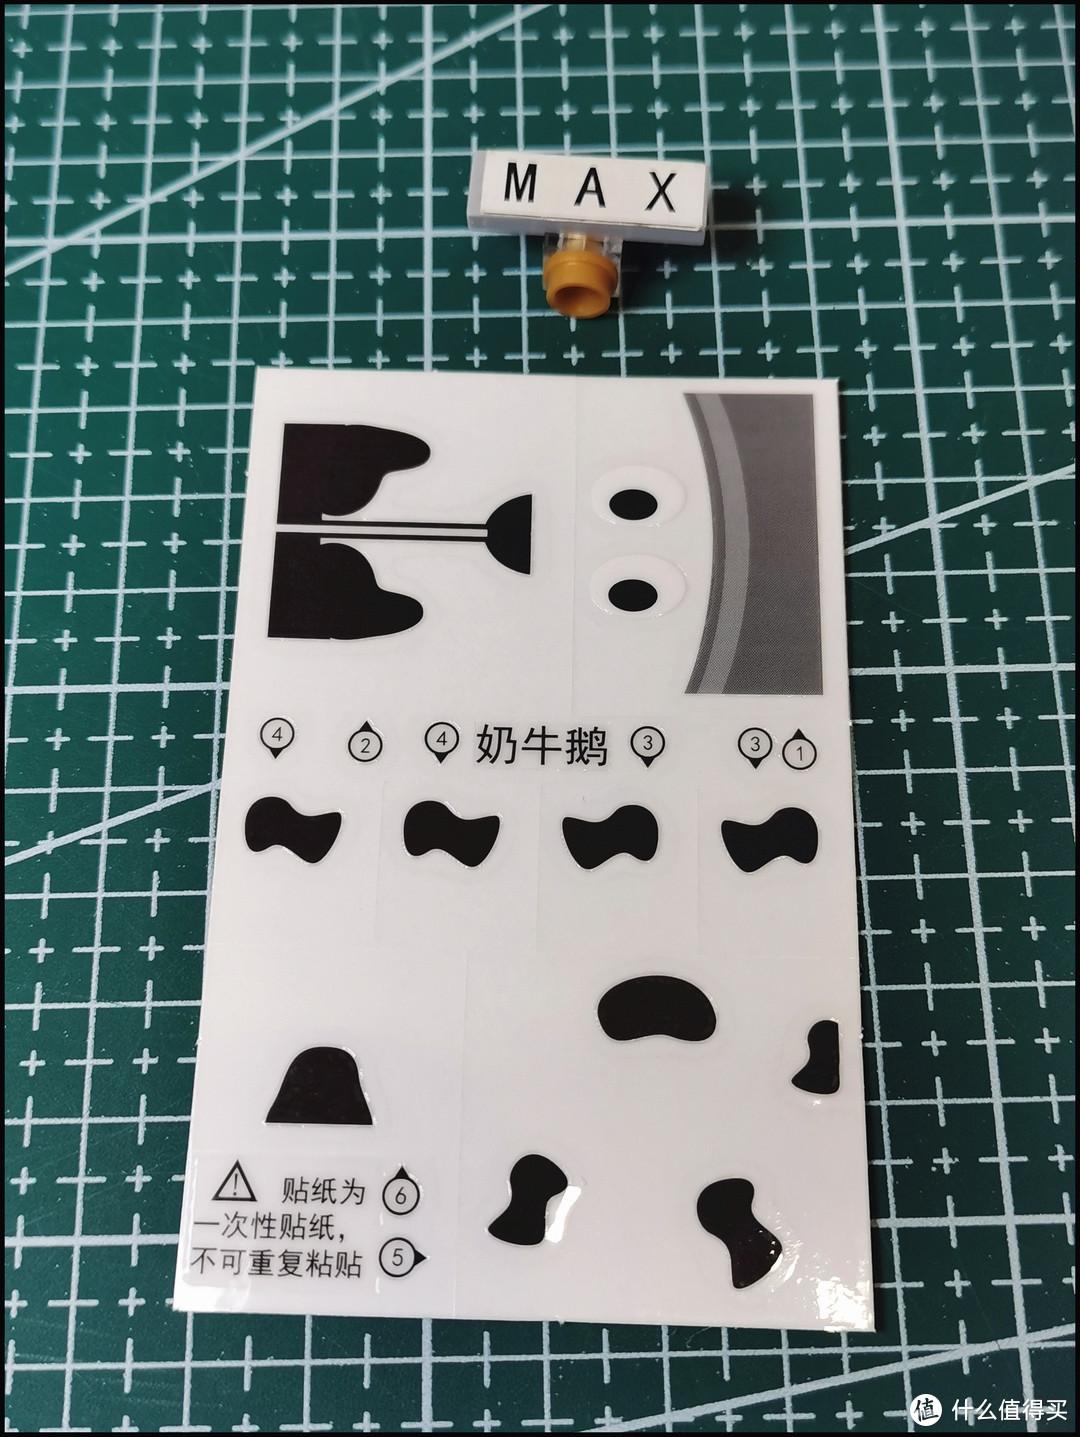 鹅厂正版方头,再配合高砖零件是一种怎么样的体验